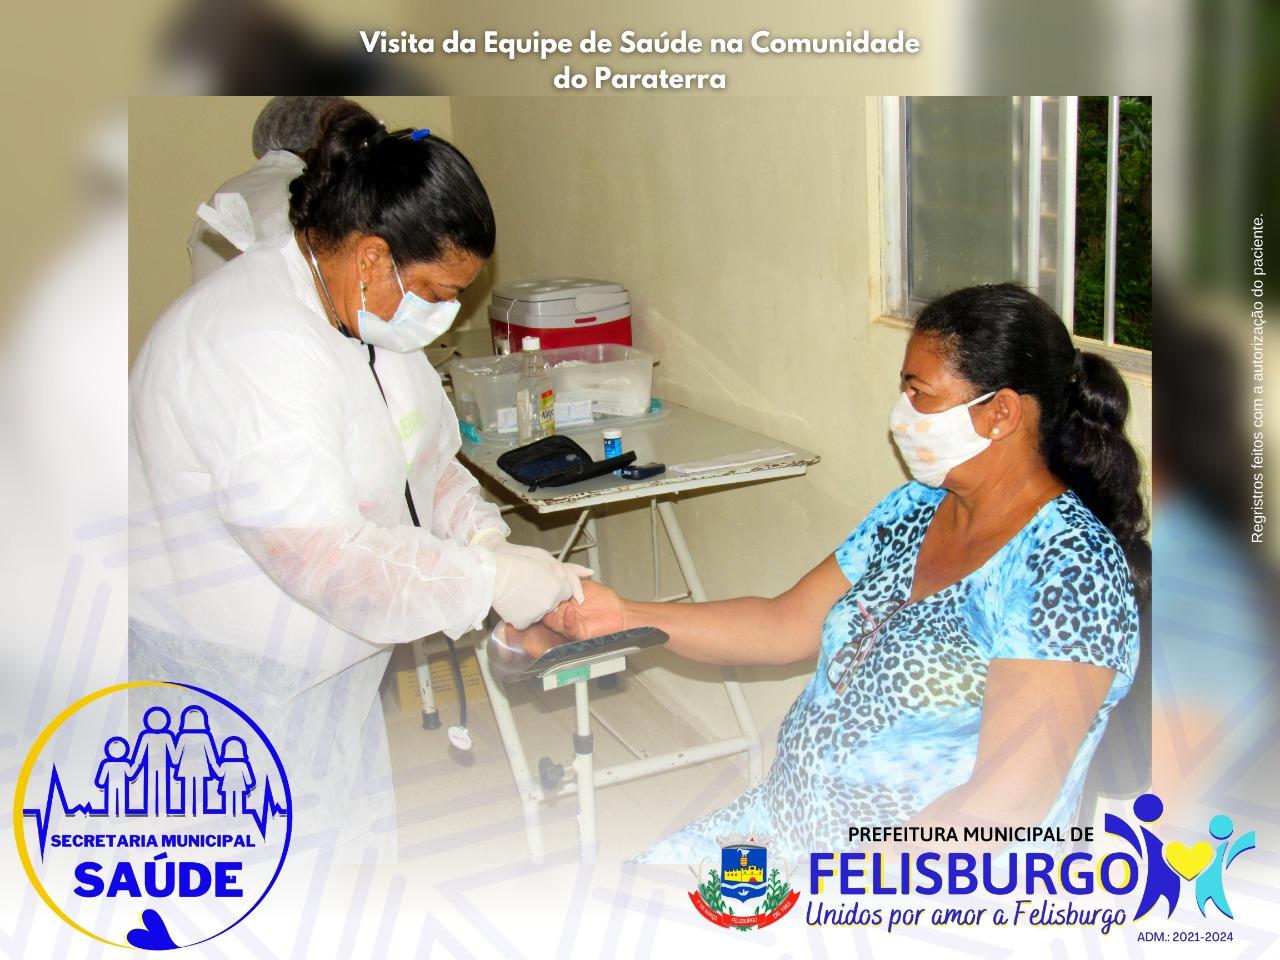 VISITA DA EQUIPE DE SAÚDE NA COMUNIDADE DO PARATERRA